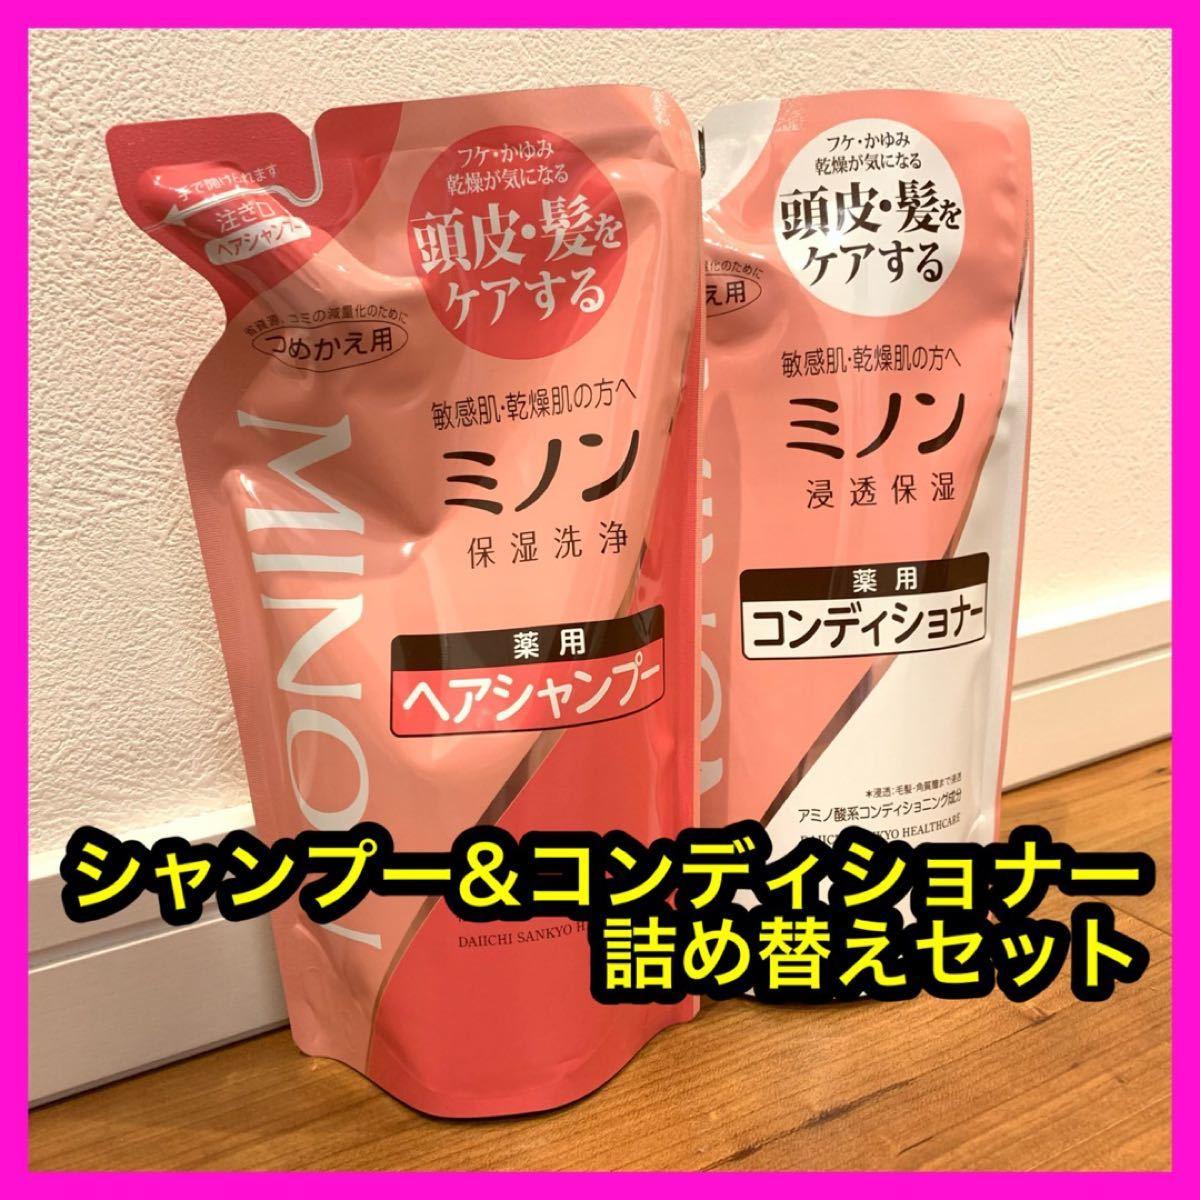 ミノン シャンプー&コンディショナー 詰め替え用 380ml 2袋